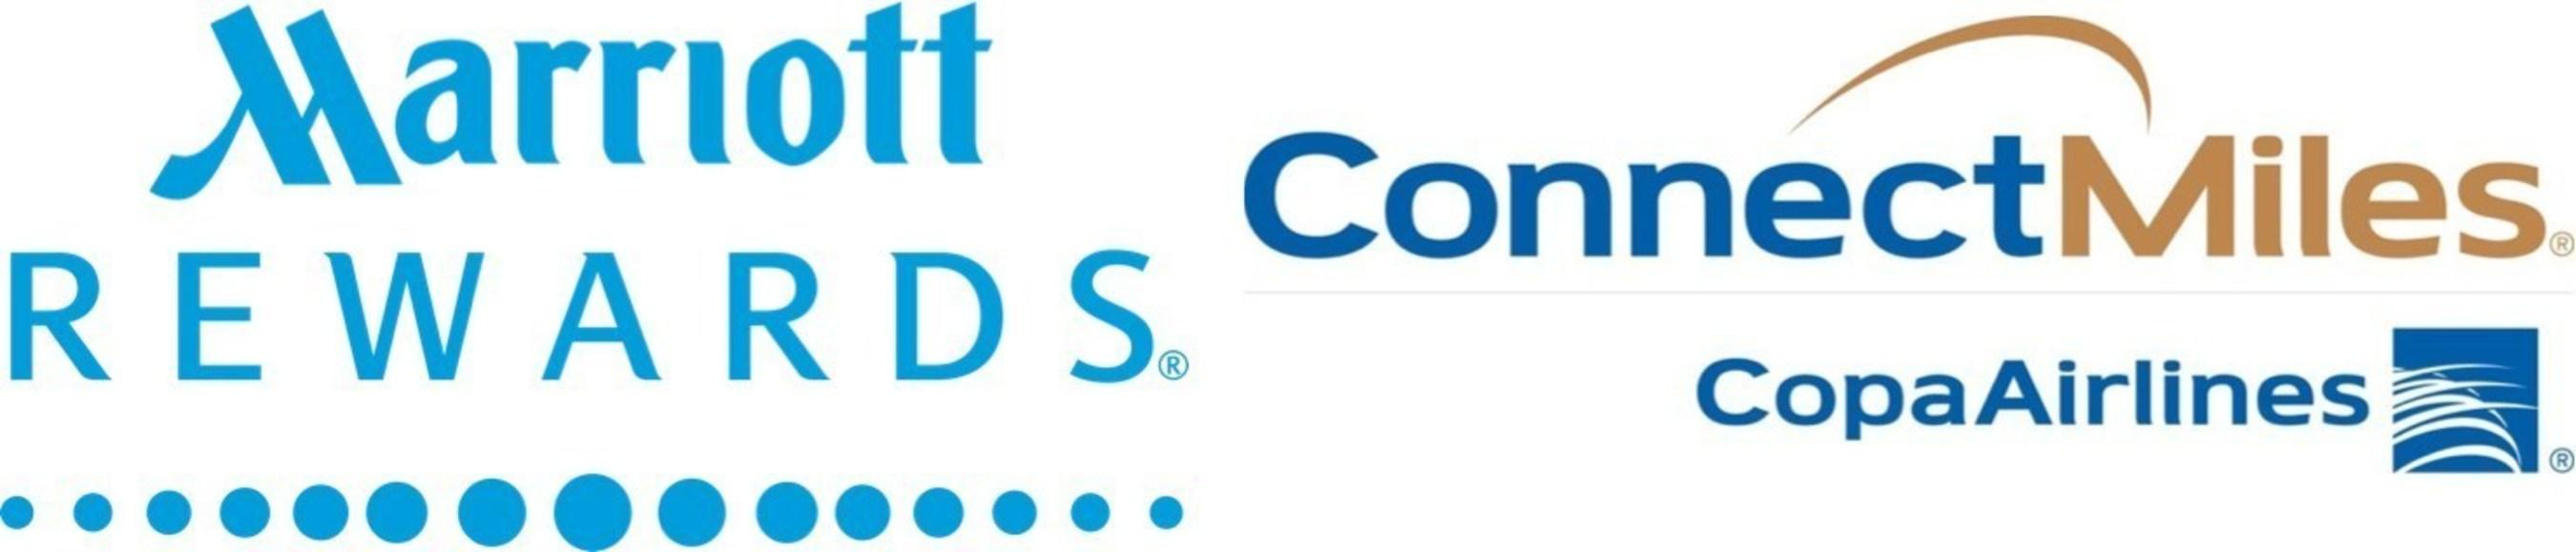 Marriott Rewards despega con ConnectMiles de Copa Airlines para ofrecer a sus miembros élite, una